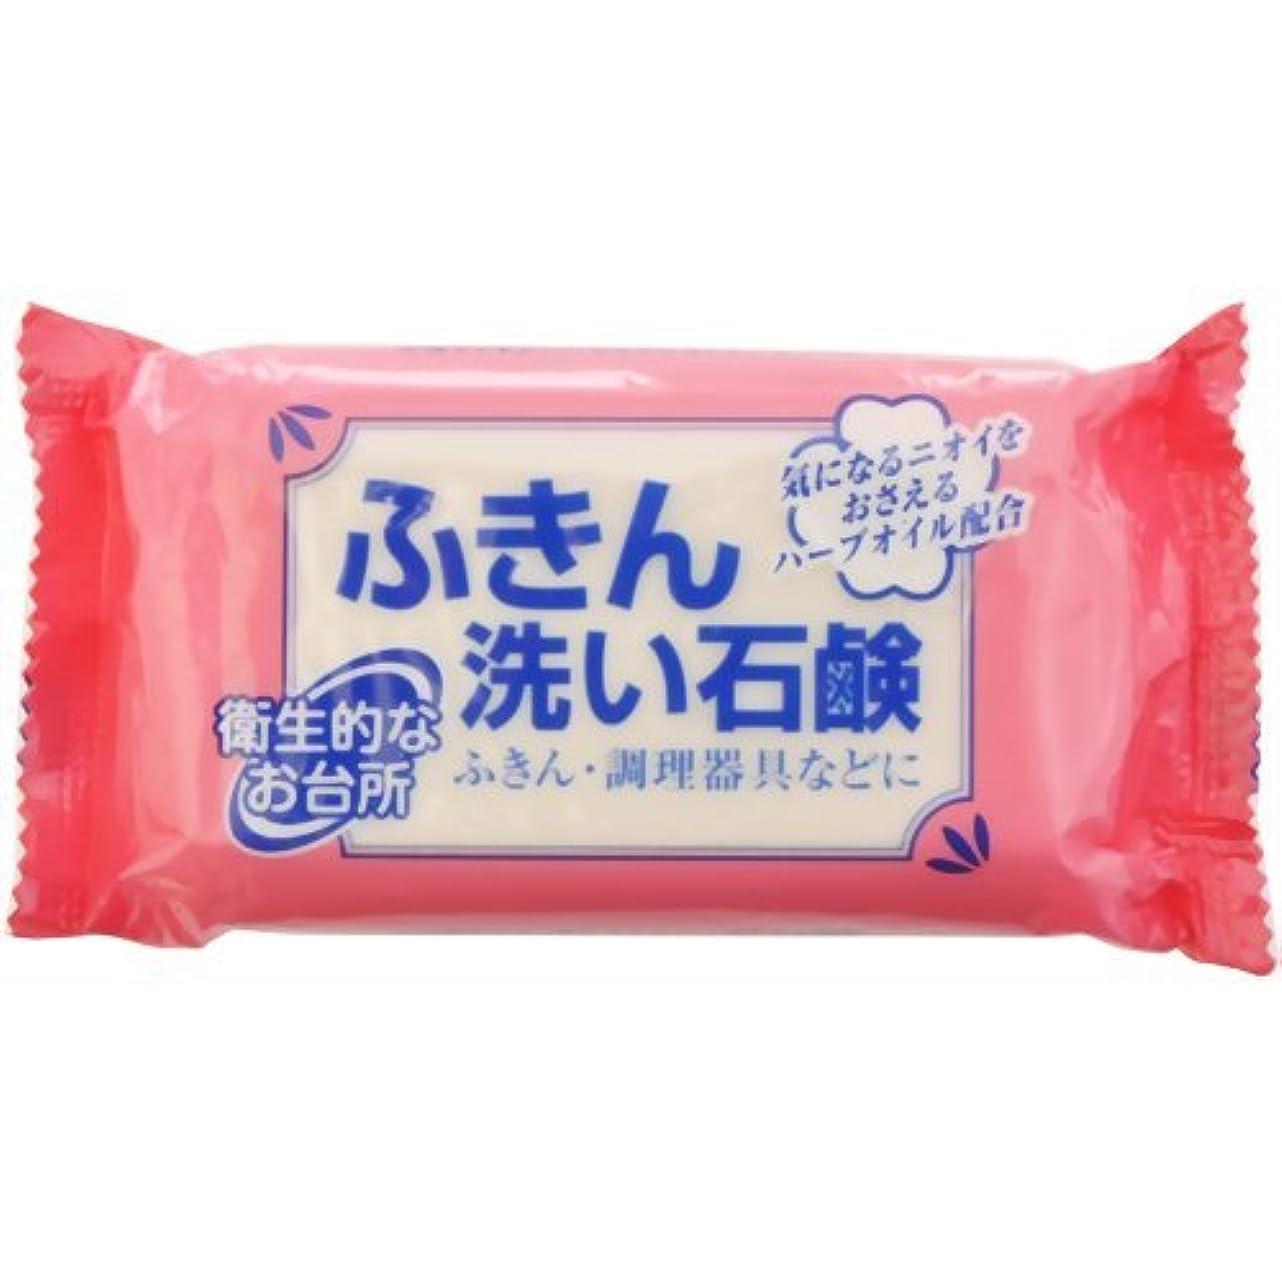 クスコリハーサル相反するふきん洗い石鹸 135g